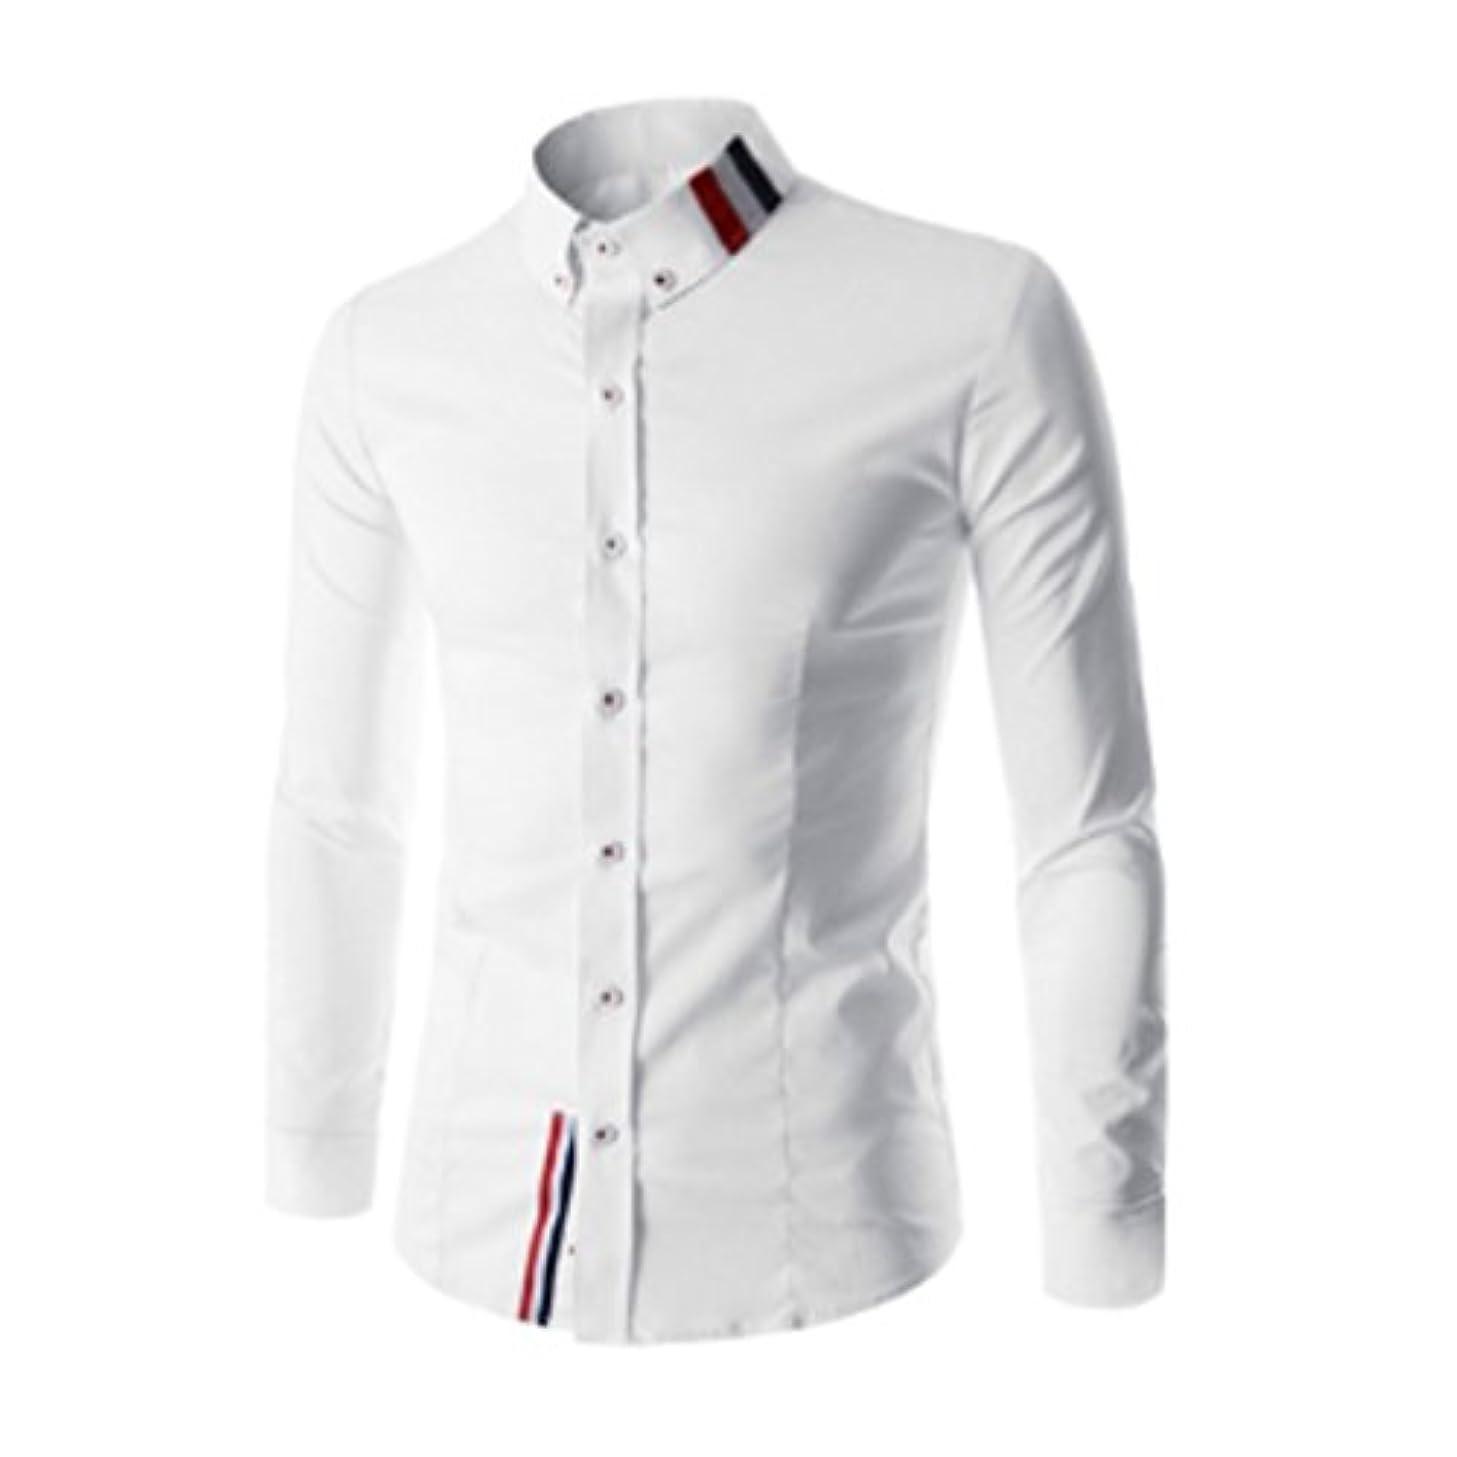 りんごニンニク証明するHonghu メンズ シャツ 長袖  ステッチ無地 スリム ホワイト L 1PC